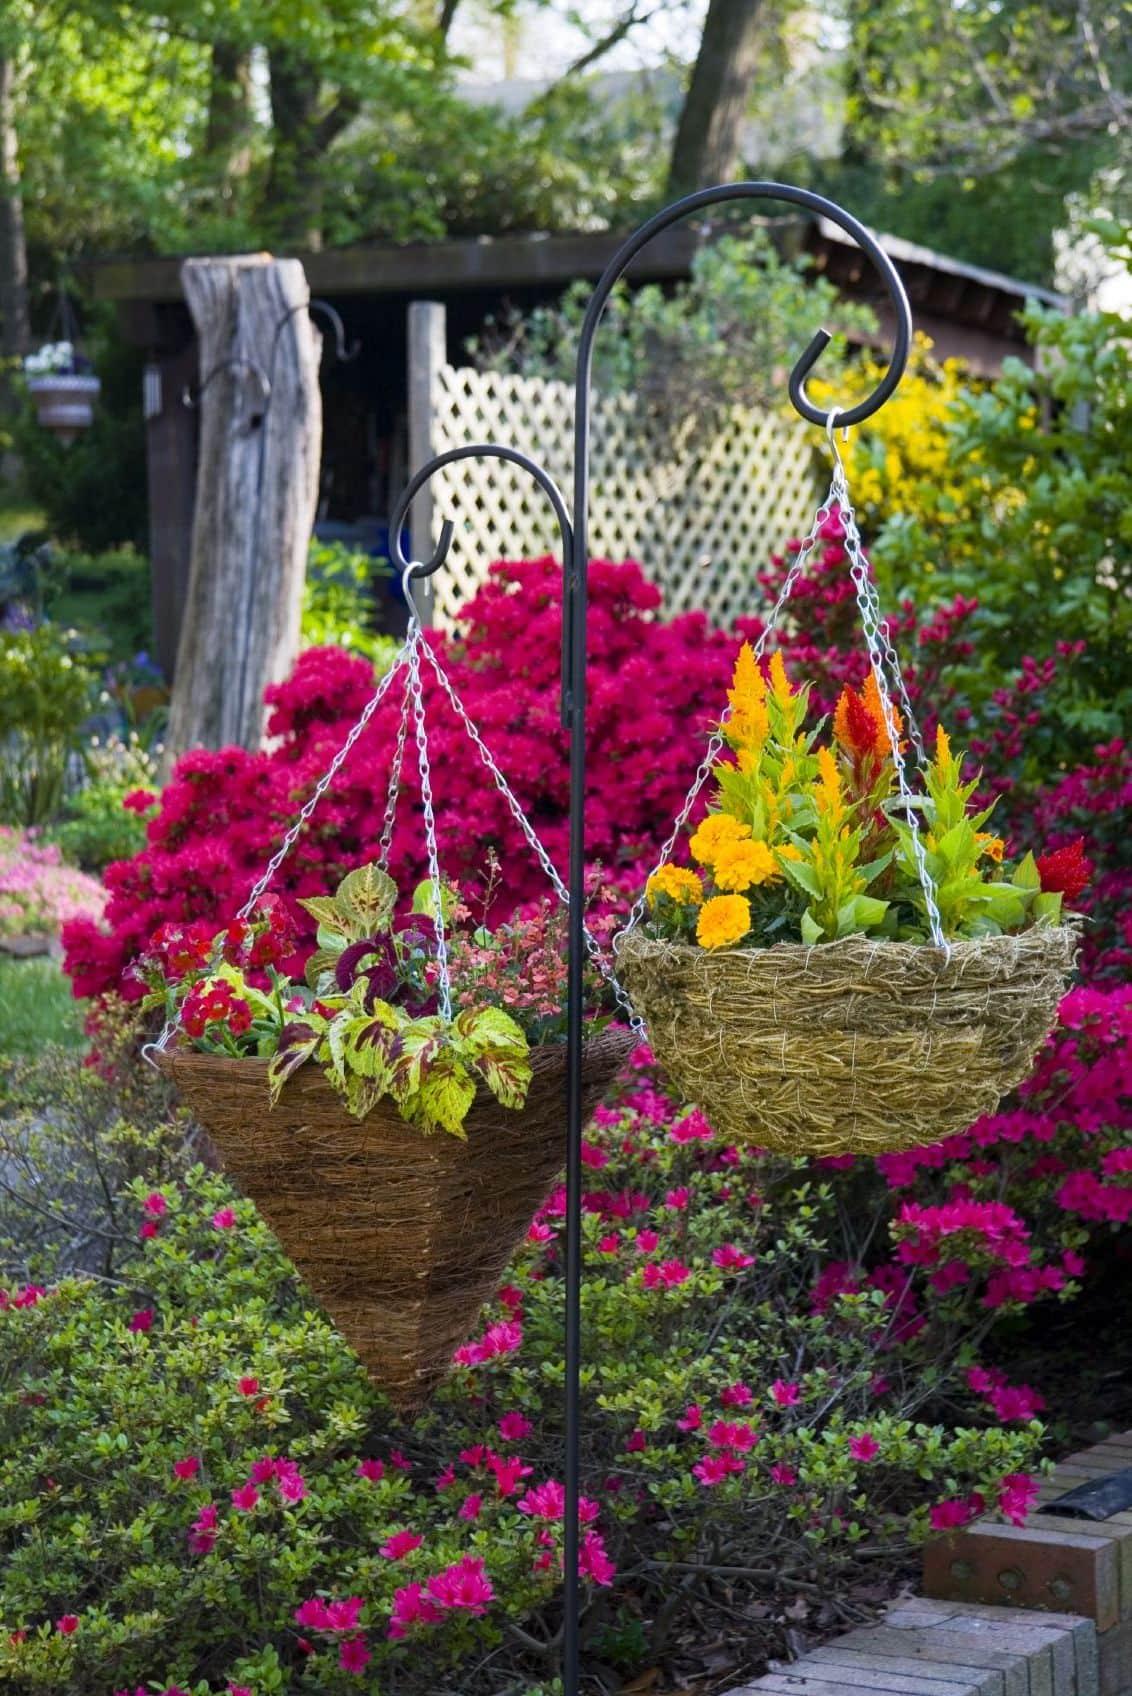 Эффектная подвесная цветочная композиция гармонично вписывающая в ландшафтный дизайн двора частного дома